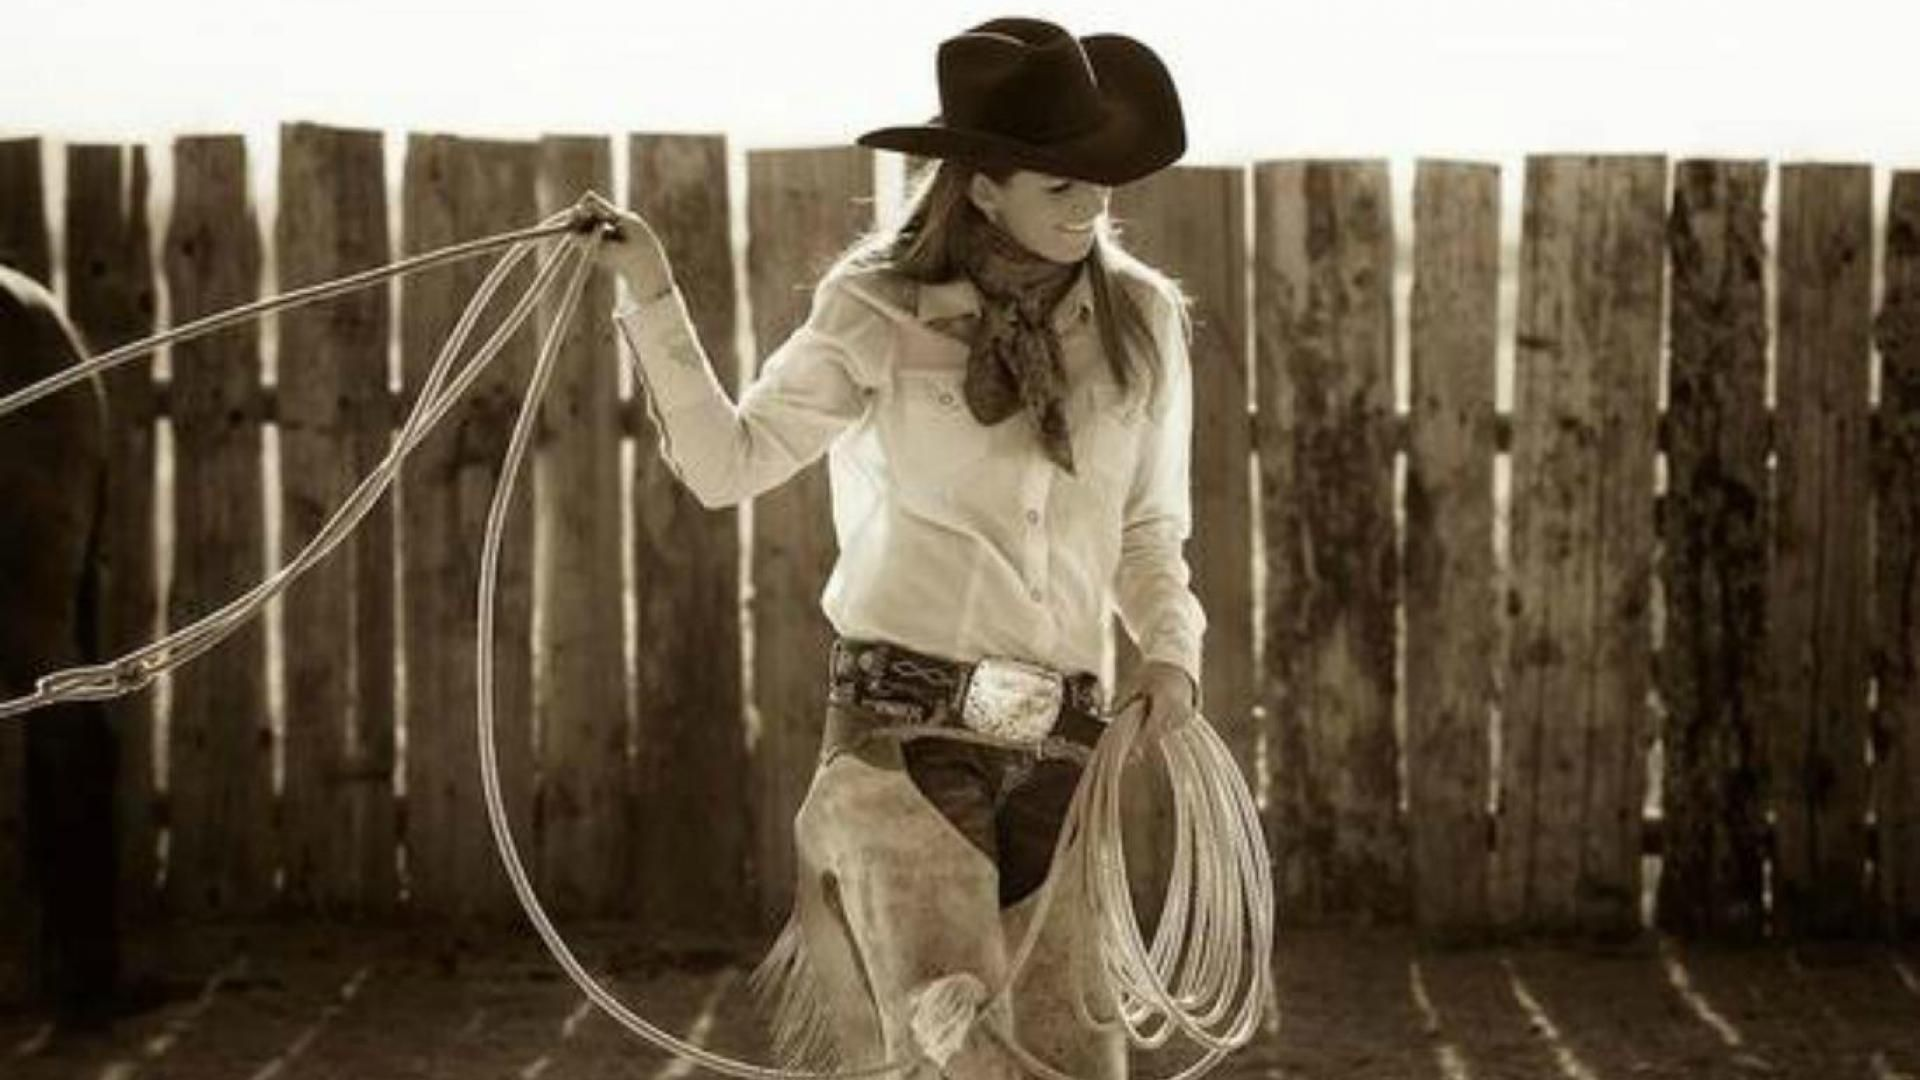 Gratis dating sites for cowboyer og Cowgirls slette dating affære konto